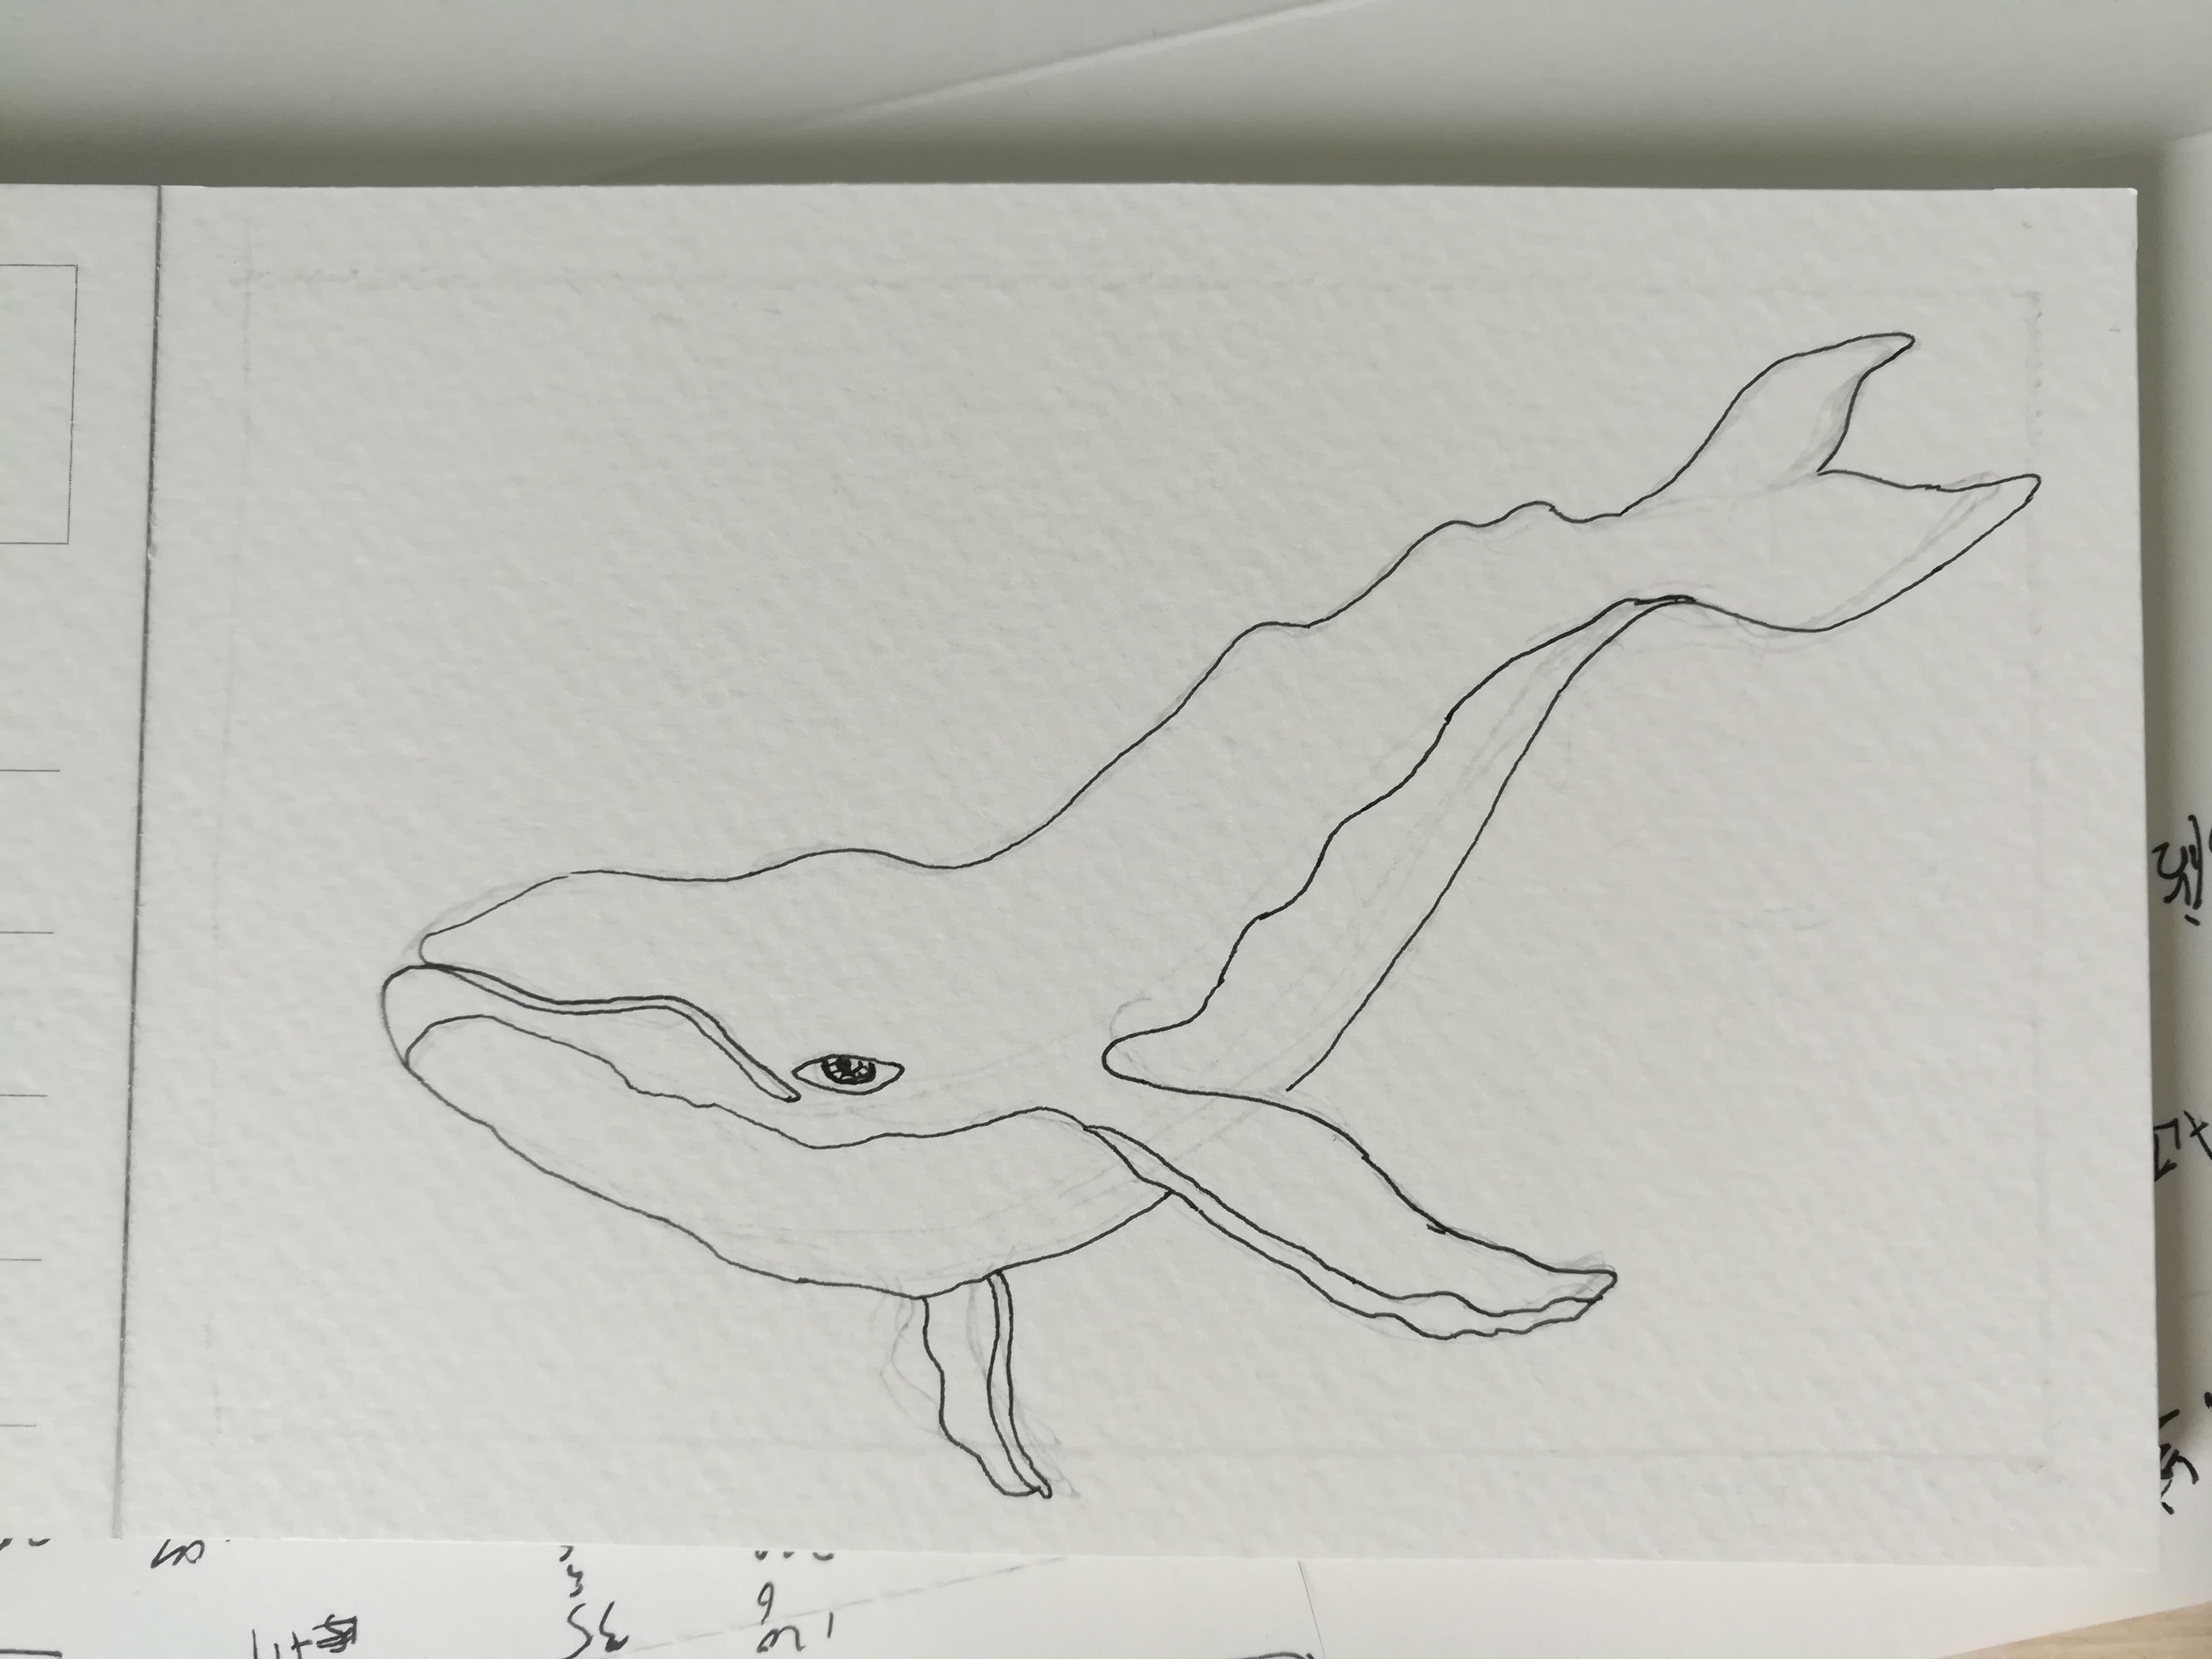 铅笔插画手绘鲸